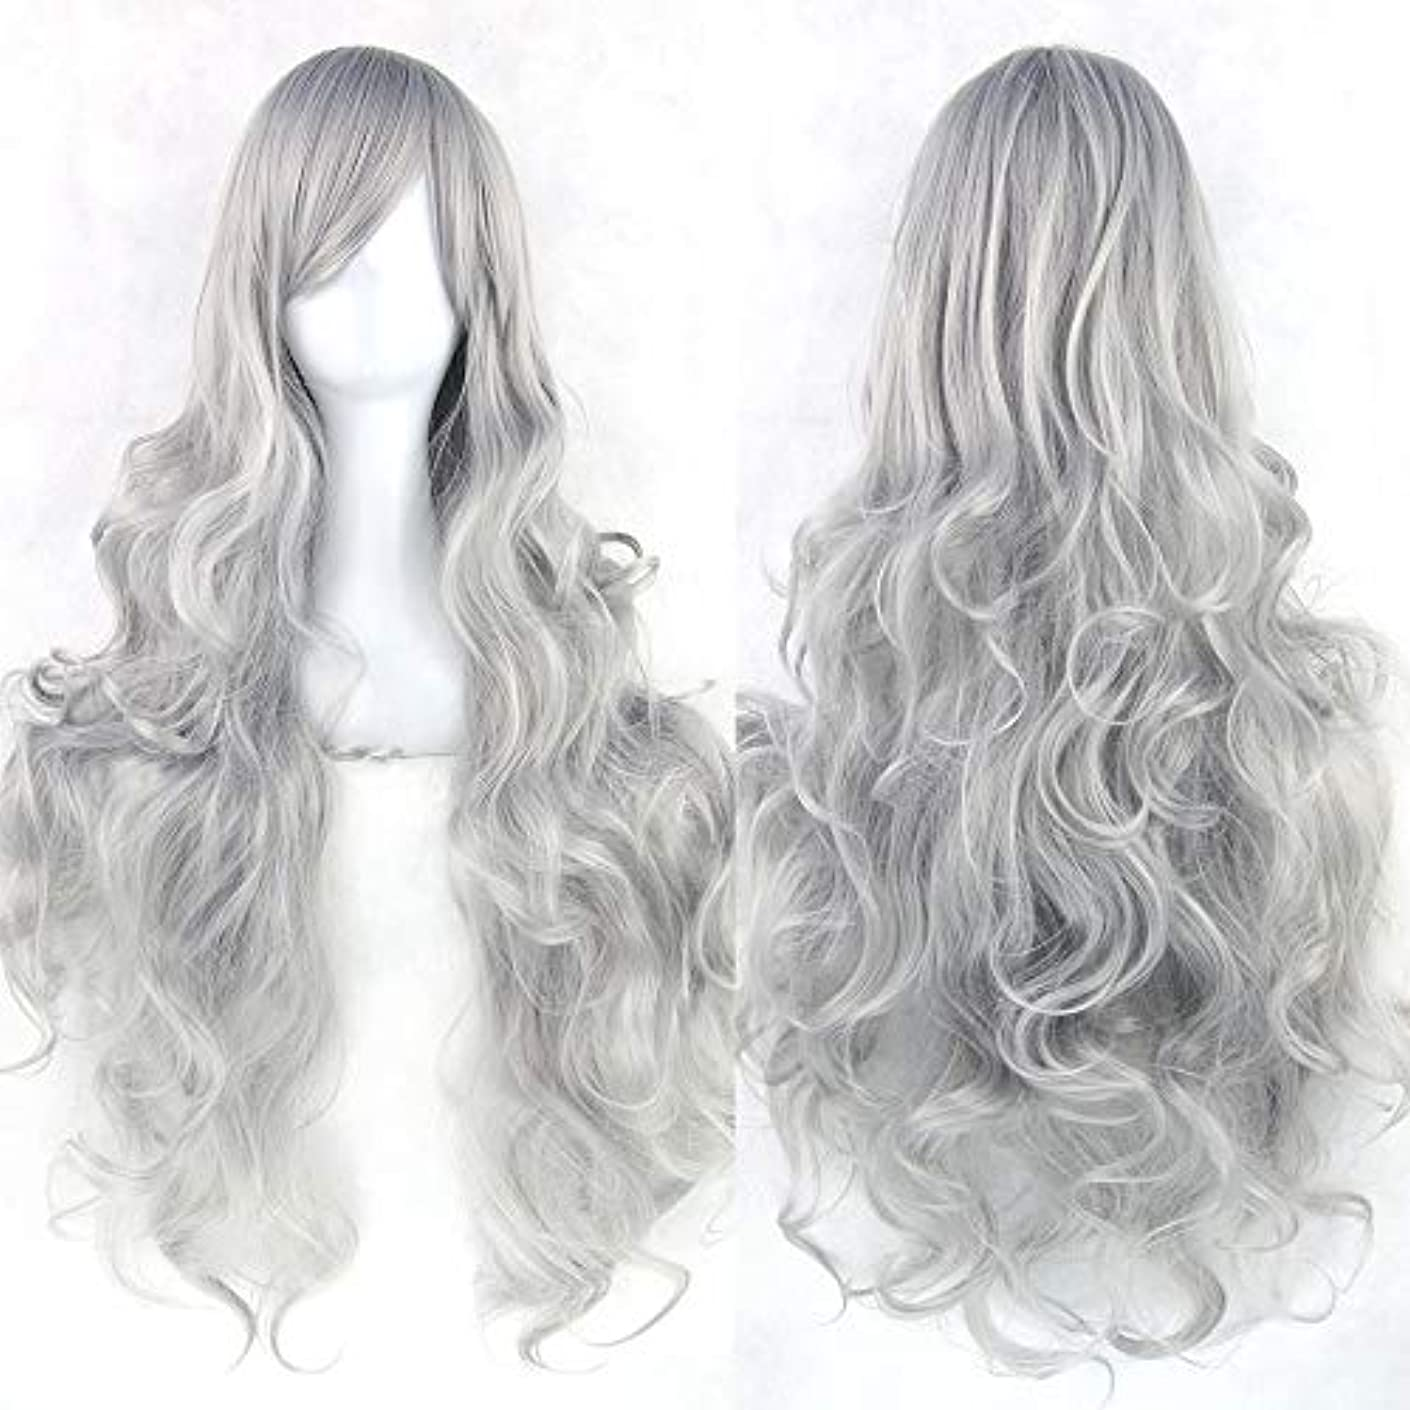 絶妙読者銃女性の長い巻き毛のウェーブのかかった髪のかつら31インチの人工毛のかつらサイドパーティングハロウィンコスプレ衣装アニメパーティーかつら (Color : Silver gray)